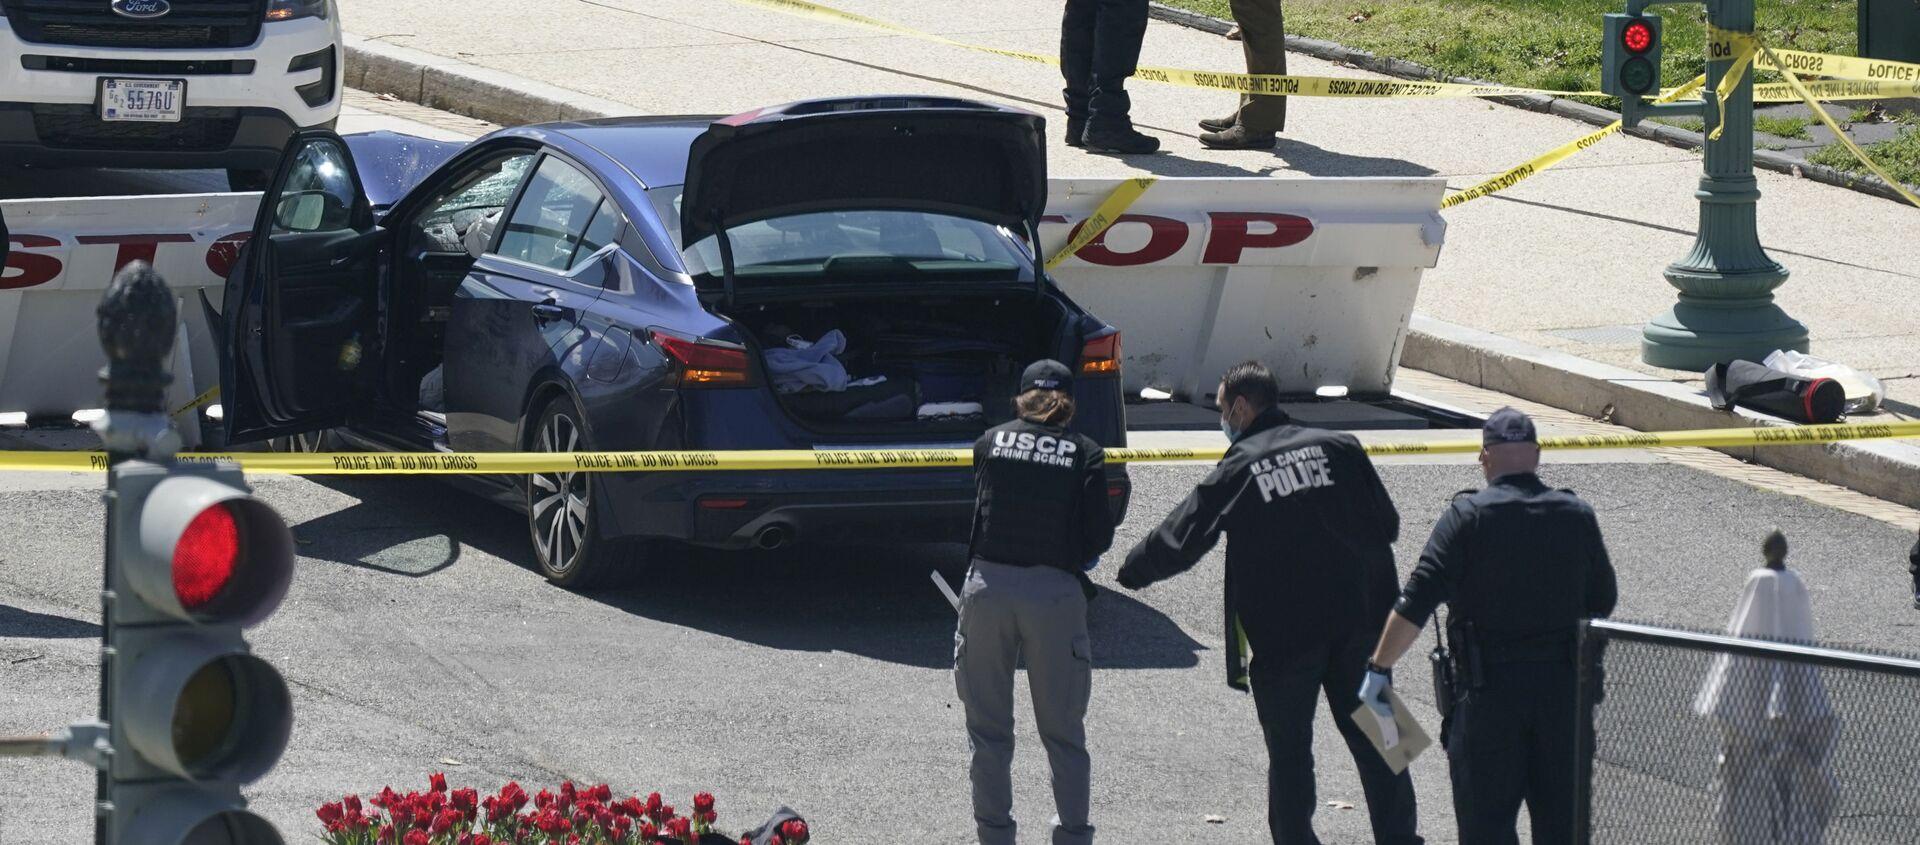 Người đàn ông đâm xe vào nhân viên an ninh bảo vệ Quốc hội Hoa Kỳ gần một trạm kiểm soát. - Sputnik Việt Nam, 1920, 03.04.2021